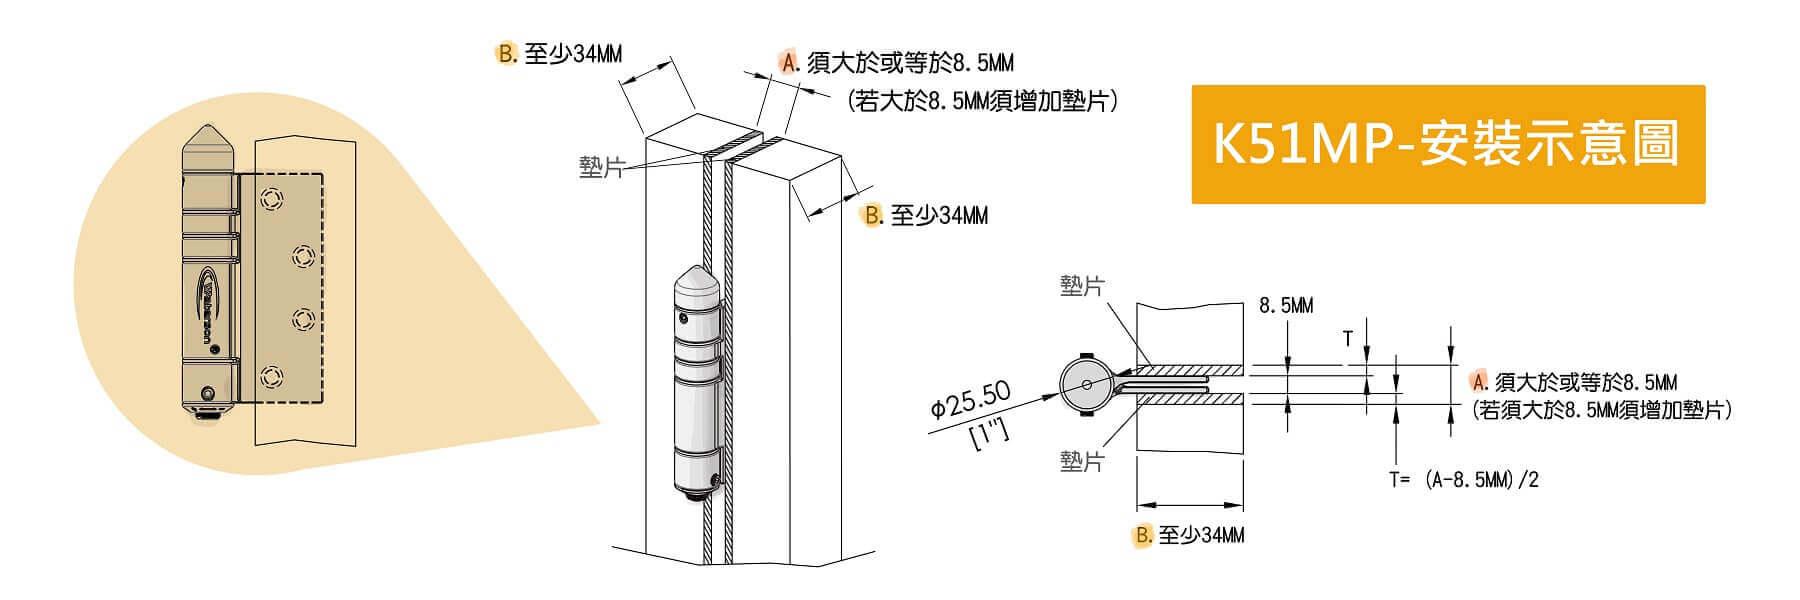 K51MP-安裝說明圖